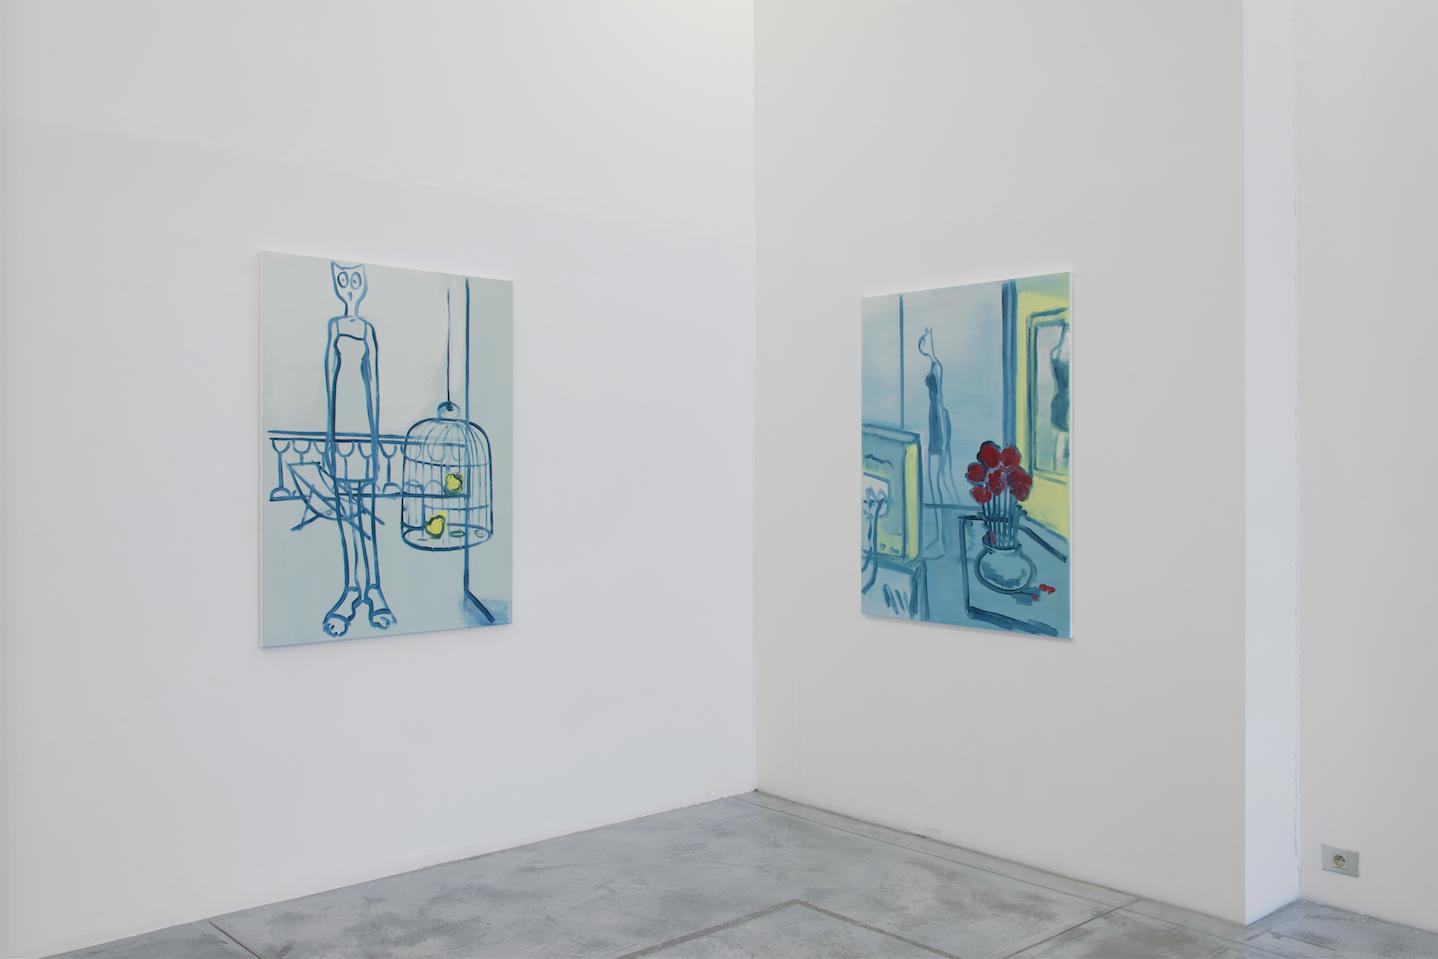 Alain Séchas, 'MAJORETTE', vue d'exposition